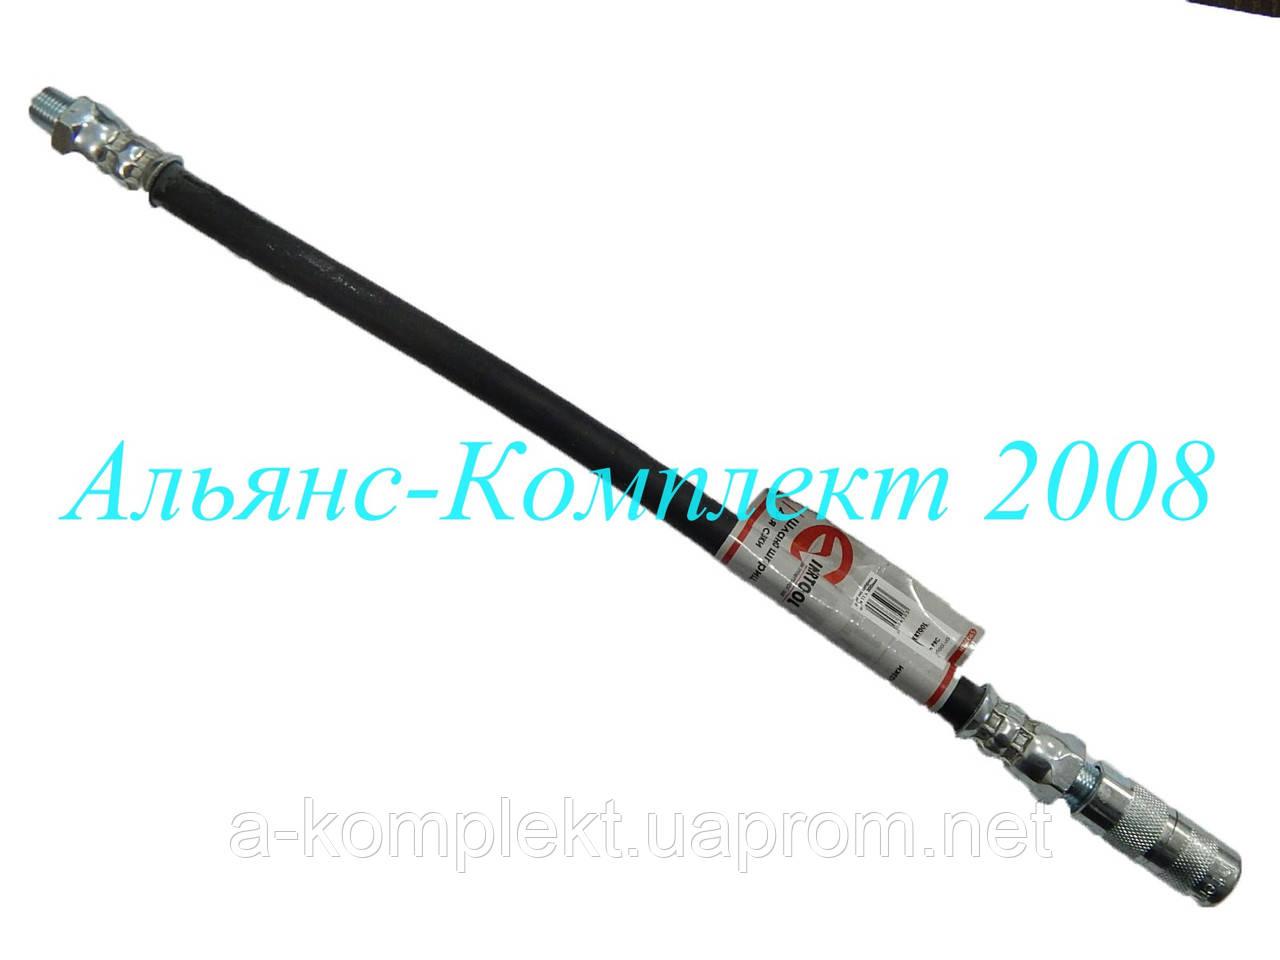 Шланг шприца (гибкий) 300мм